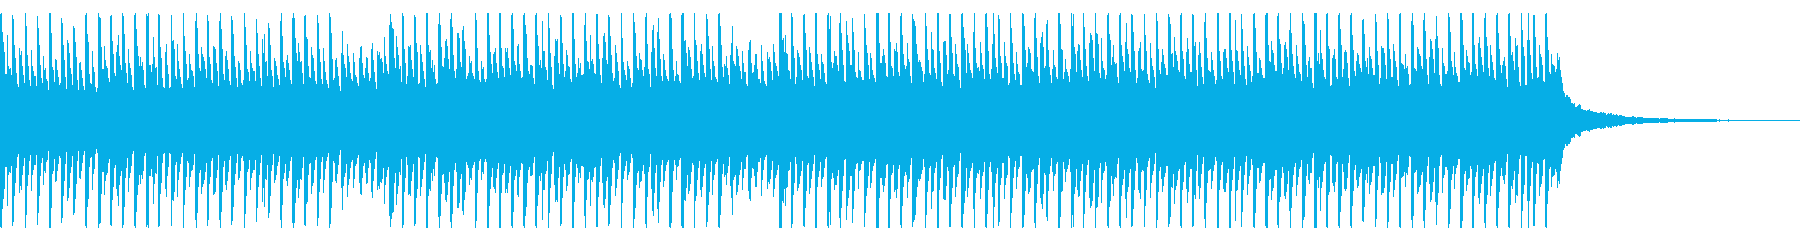 ショートver 再会 Pf ストリングスの再生済みの波形